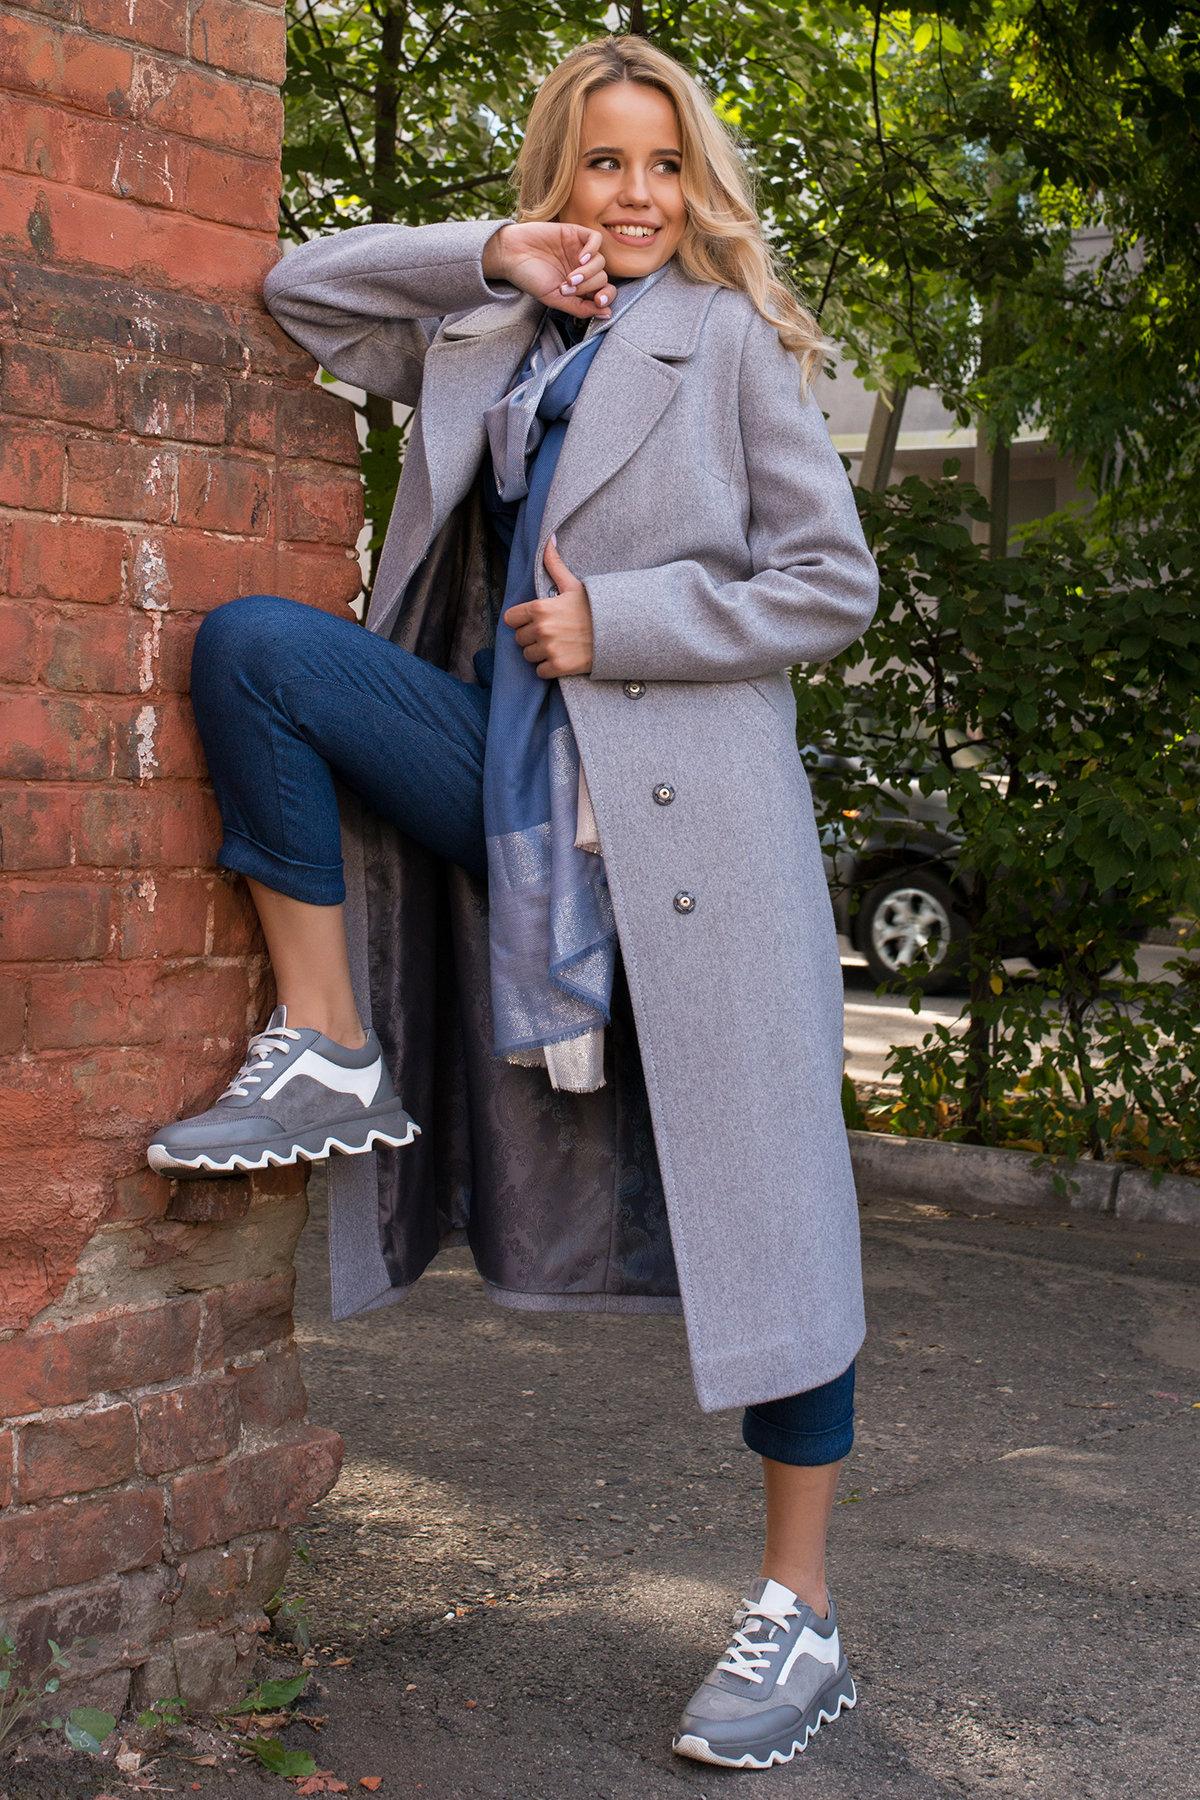 Демисезонное пальто удлиненное Миссури макси 6398 АРТ. 41317 Цвет: Серый 20 - фото 2, интернет магазин tm-modus.ru